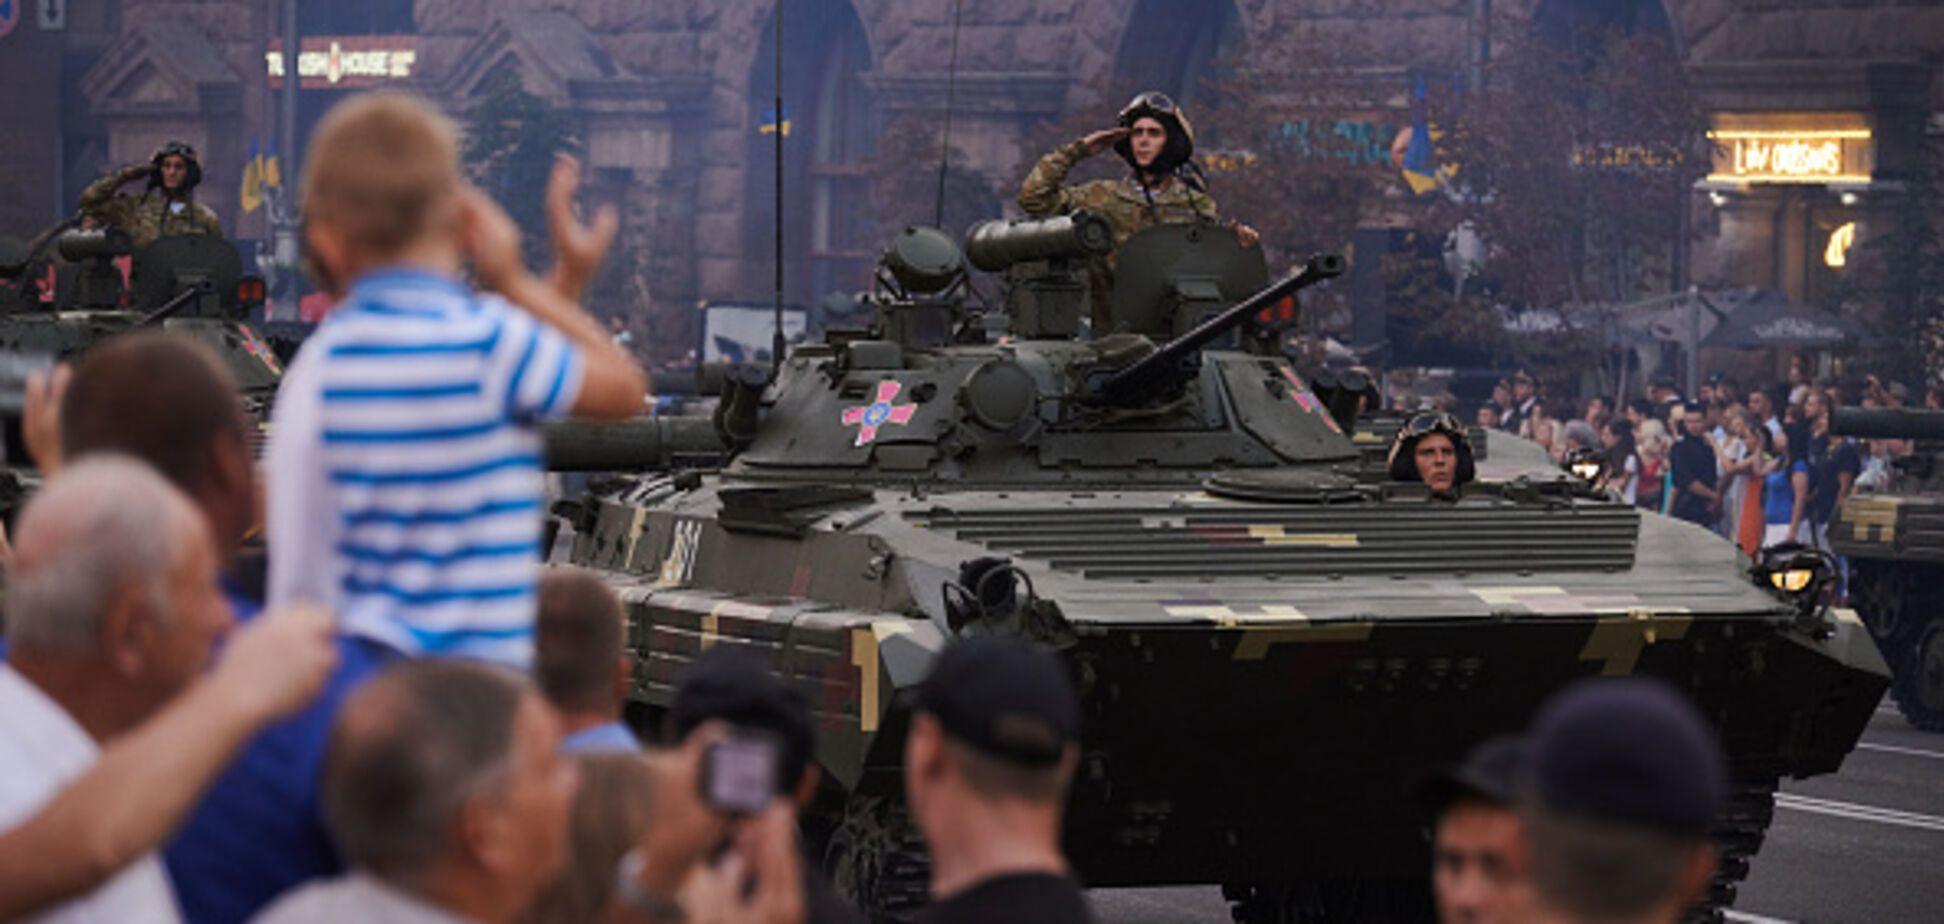 Штурмовать и выселять: ветеран АТО предложил радикально решить вопрос Донбасса